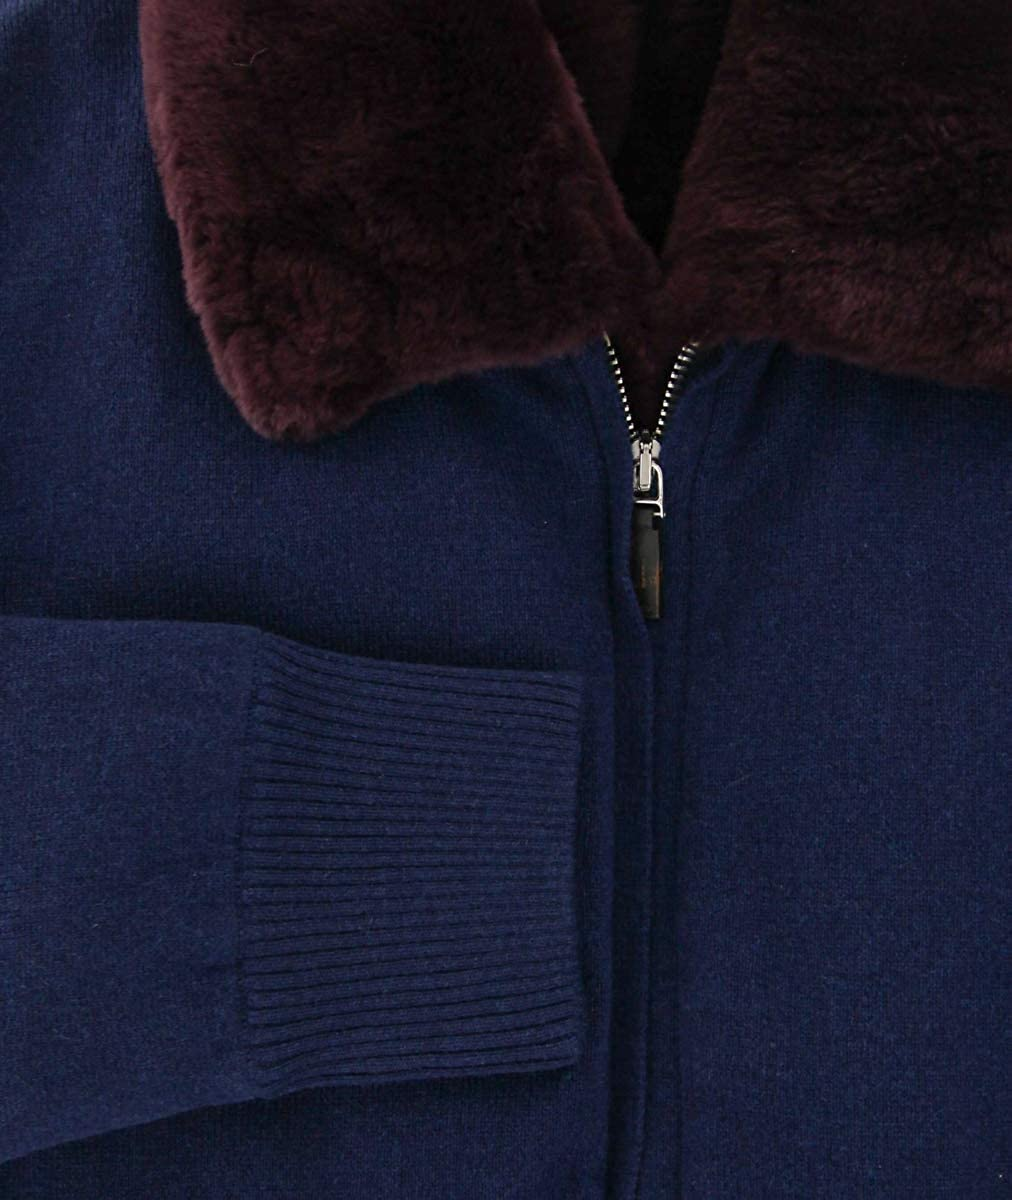 1d213eecdc9 Svevo Parma New Navy Blue Jacket at Amazon Men s Clothing store